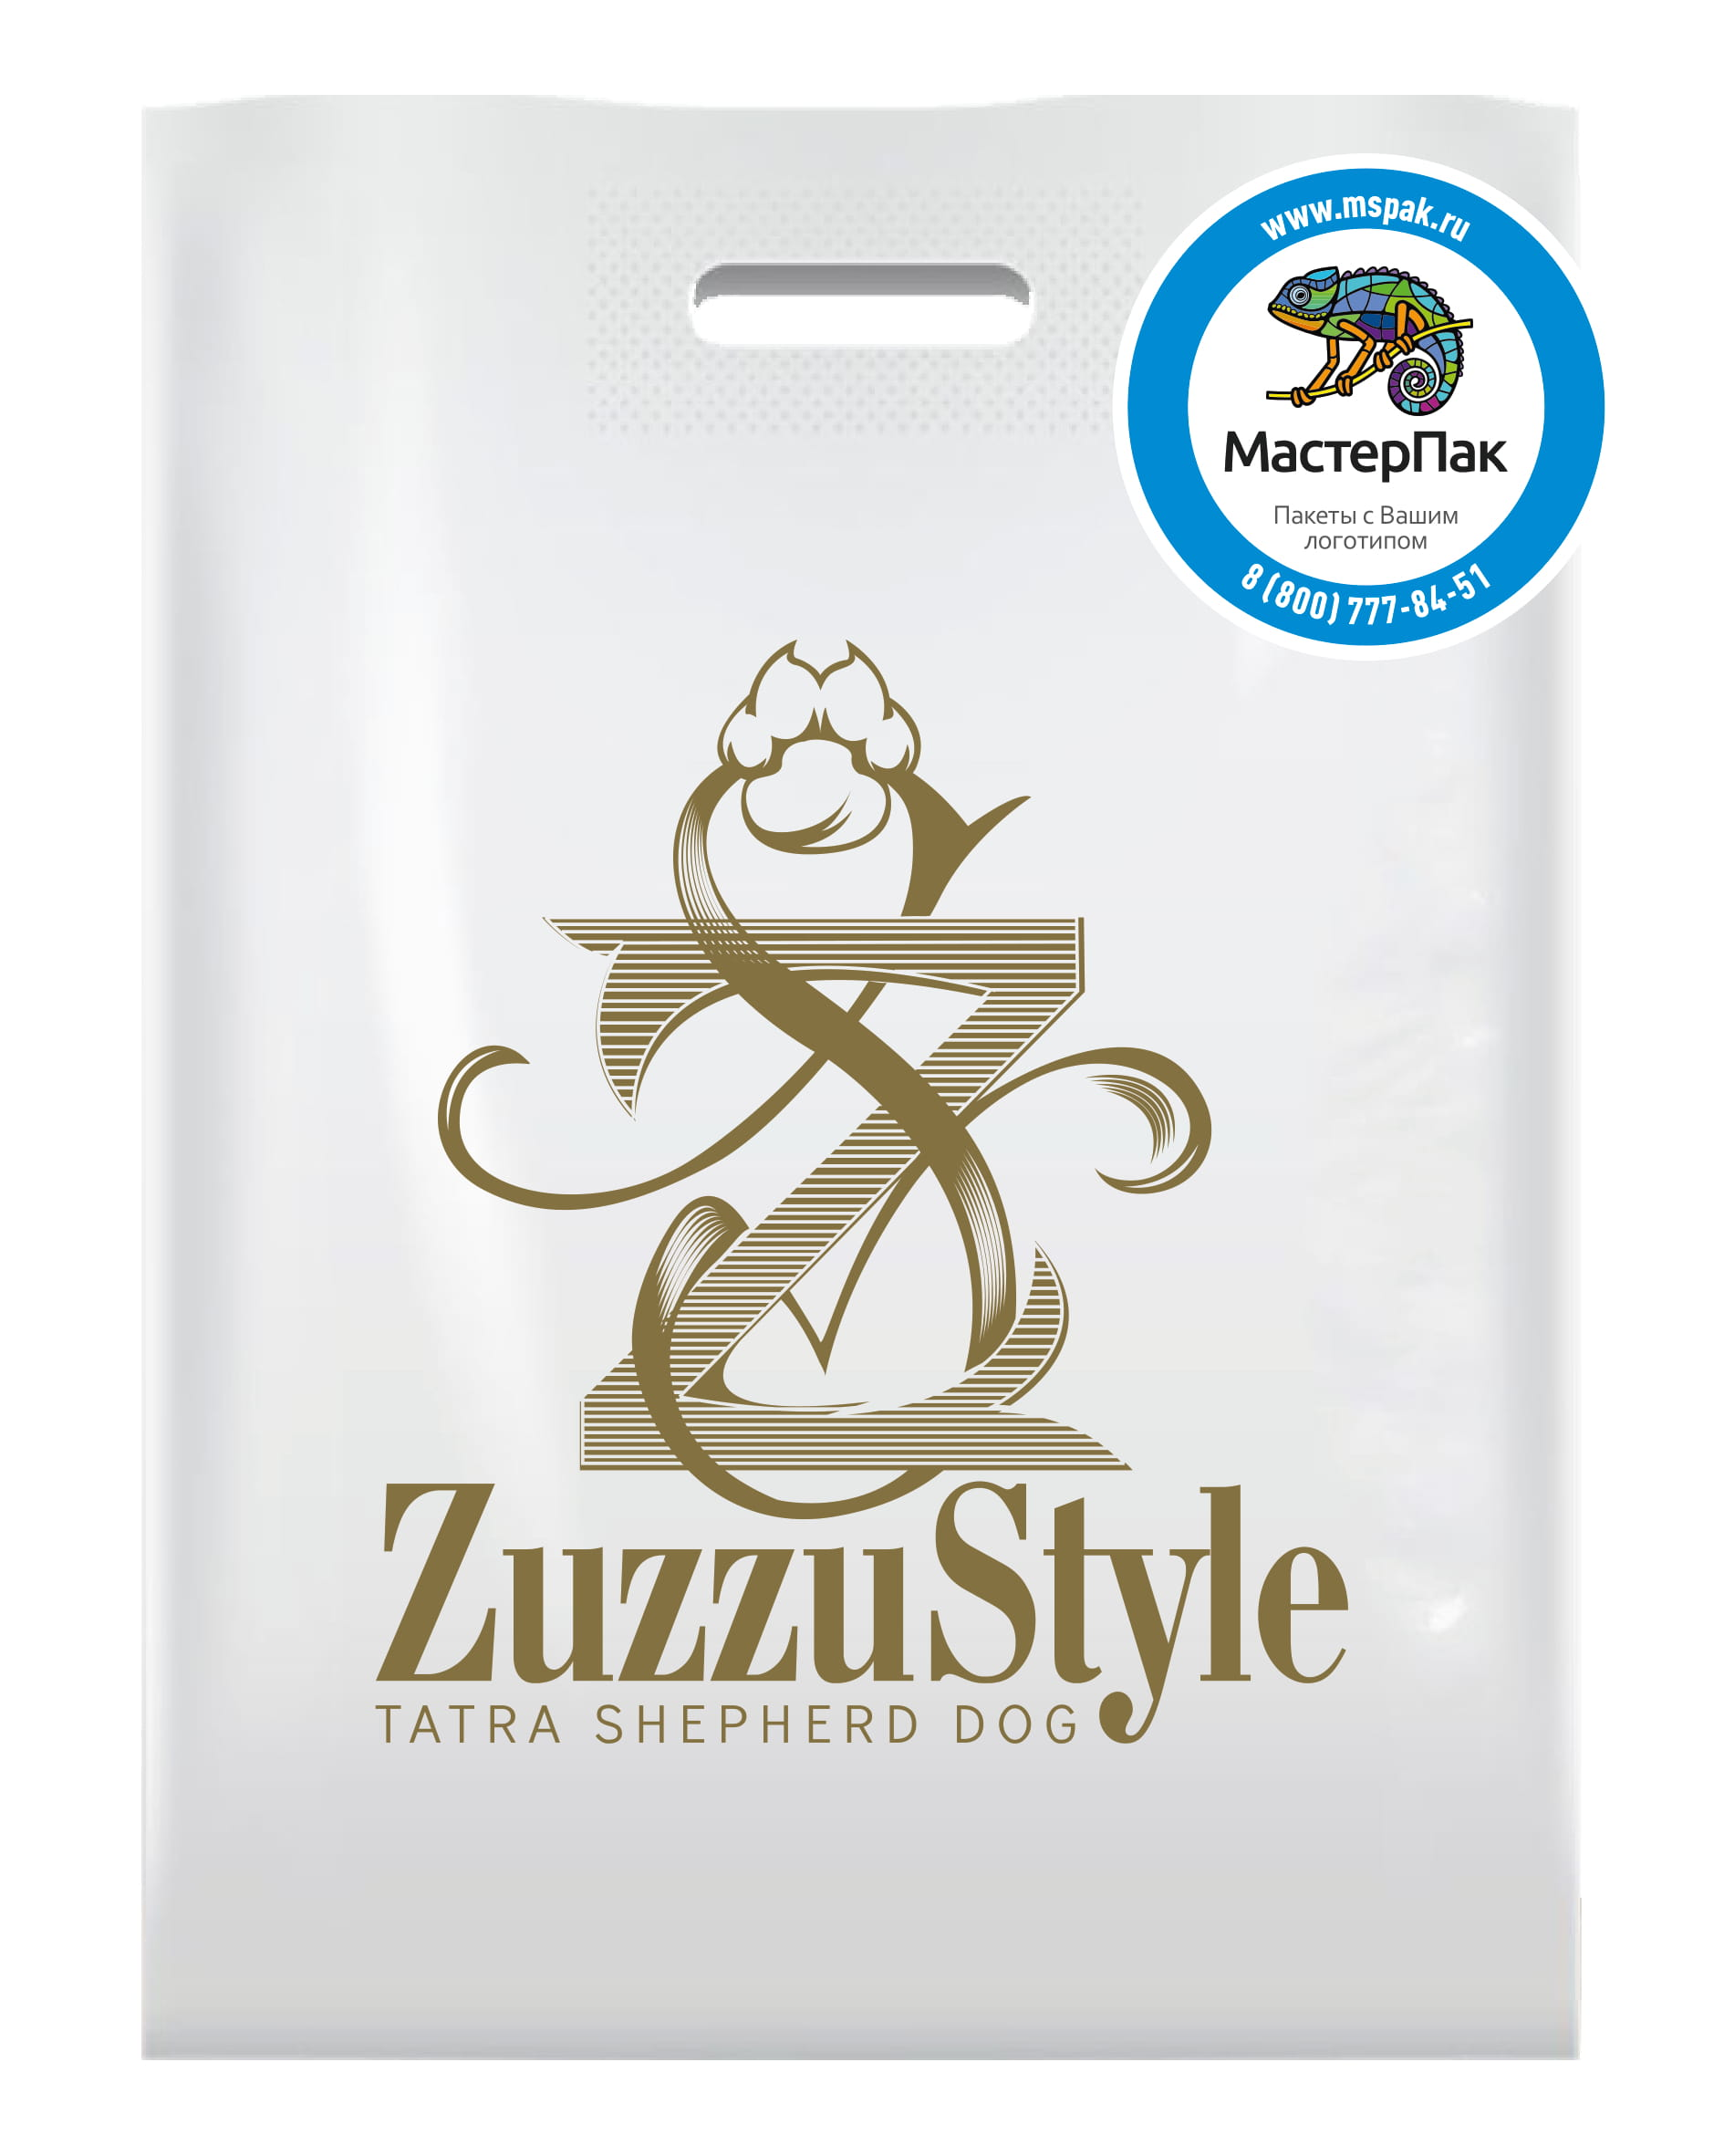 Пакет ПВД с логотипом питомника Zuzzu Style, Московская область, белый